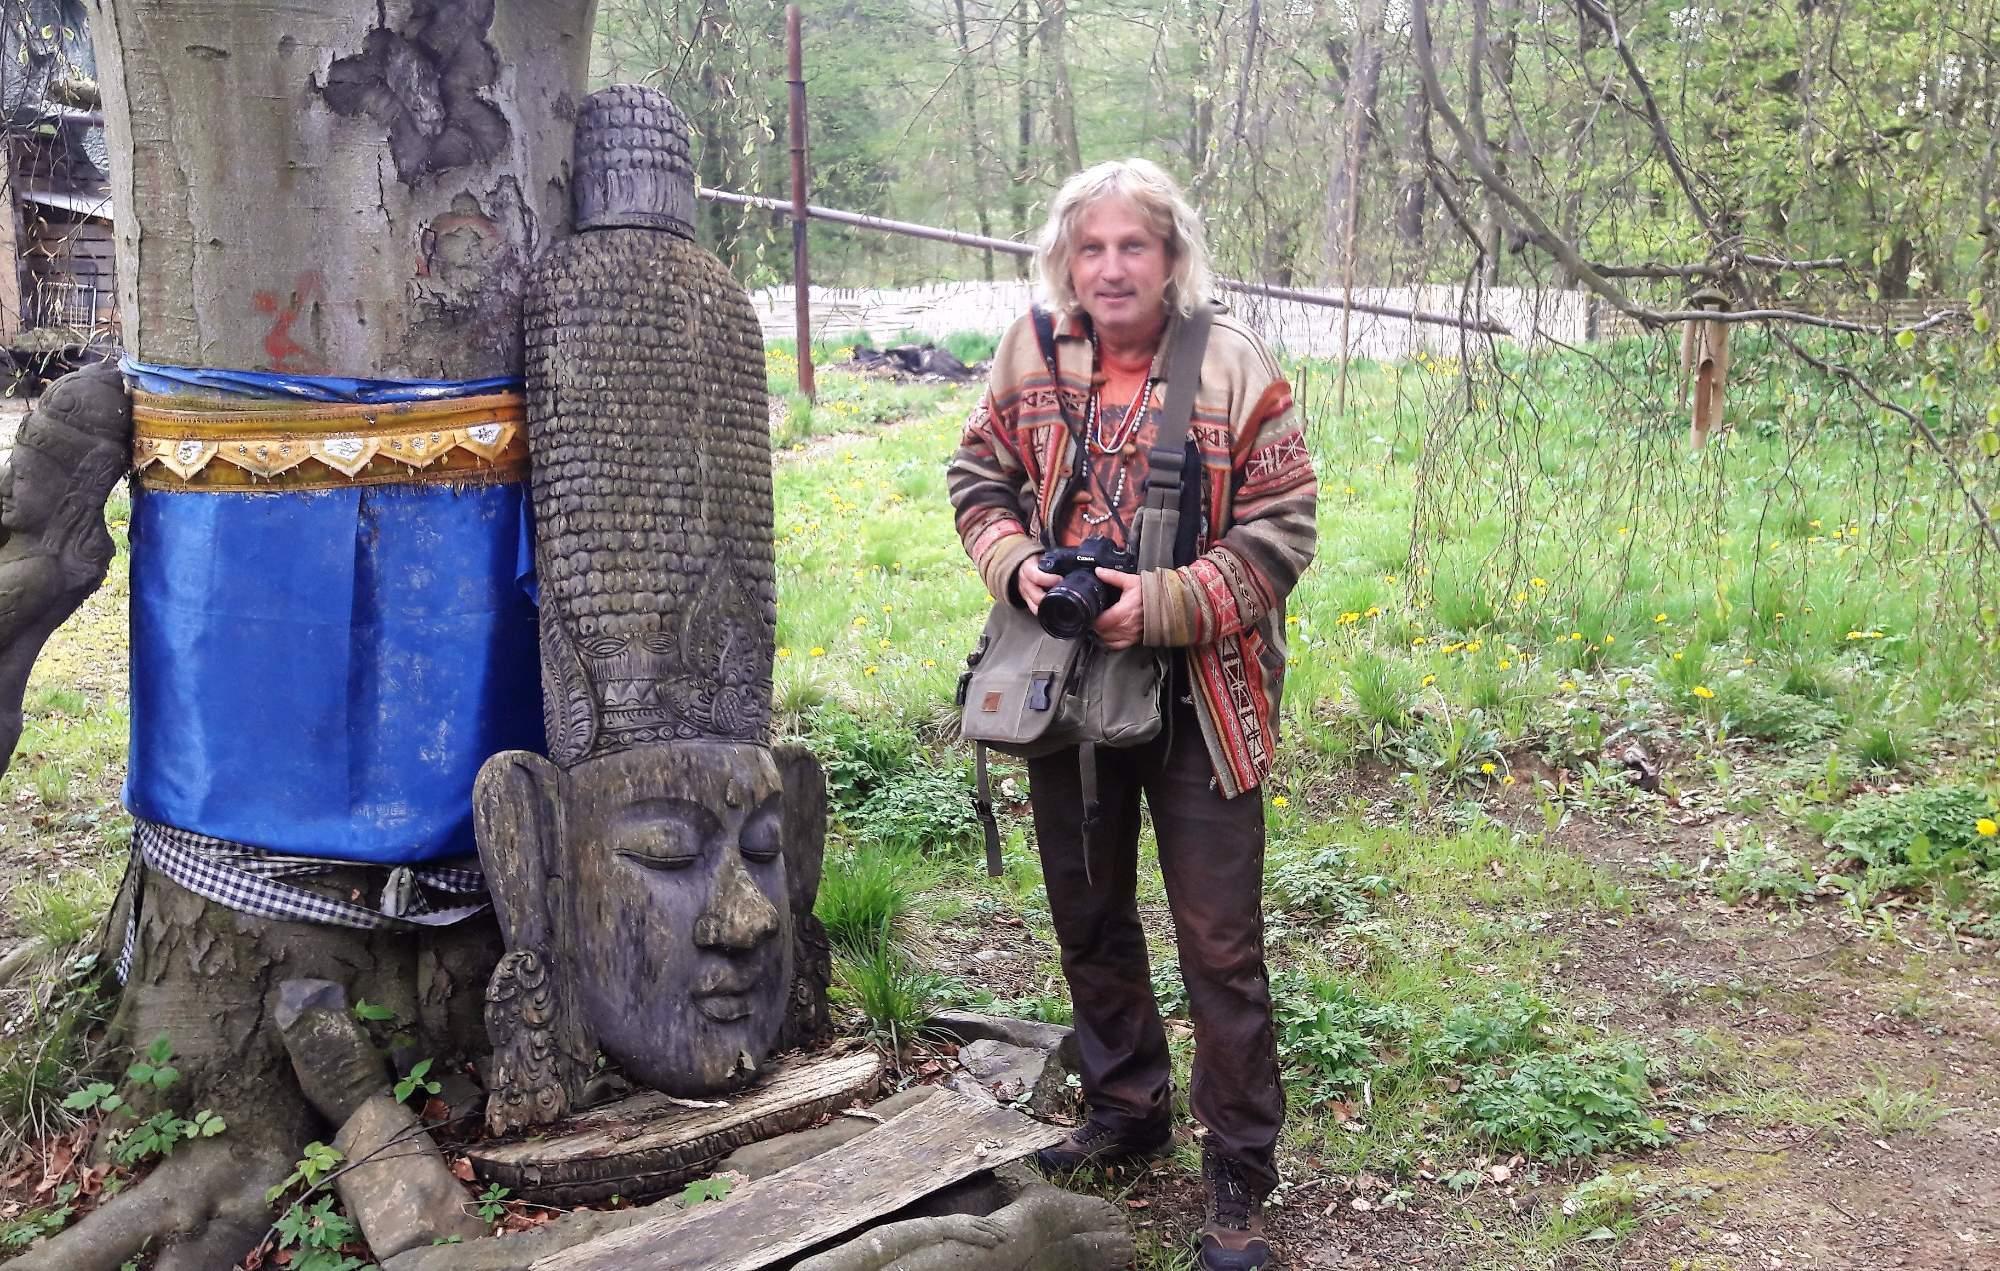 Cestovatel a majitel zámku v Horní Libchavě Oldřich Kilián. Foto: Pavlína Černá